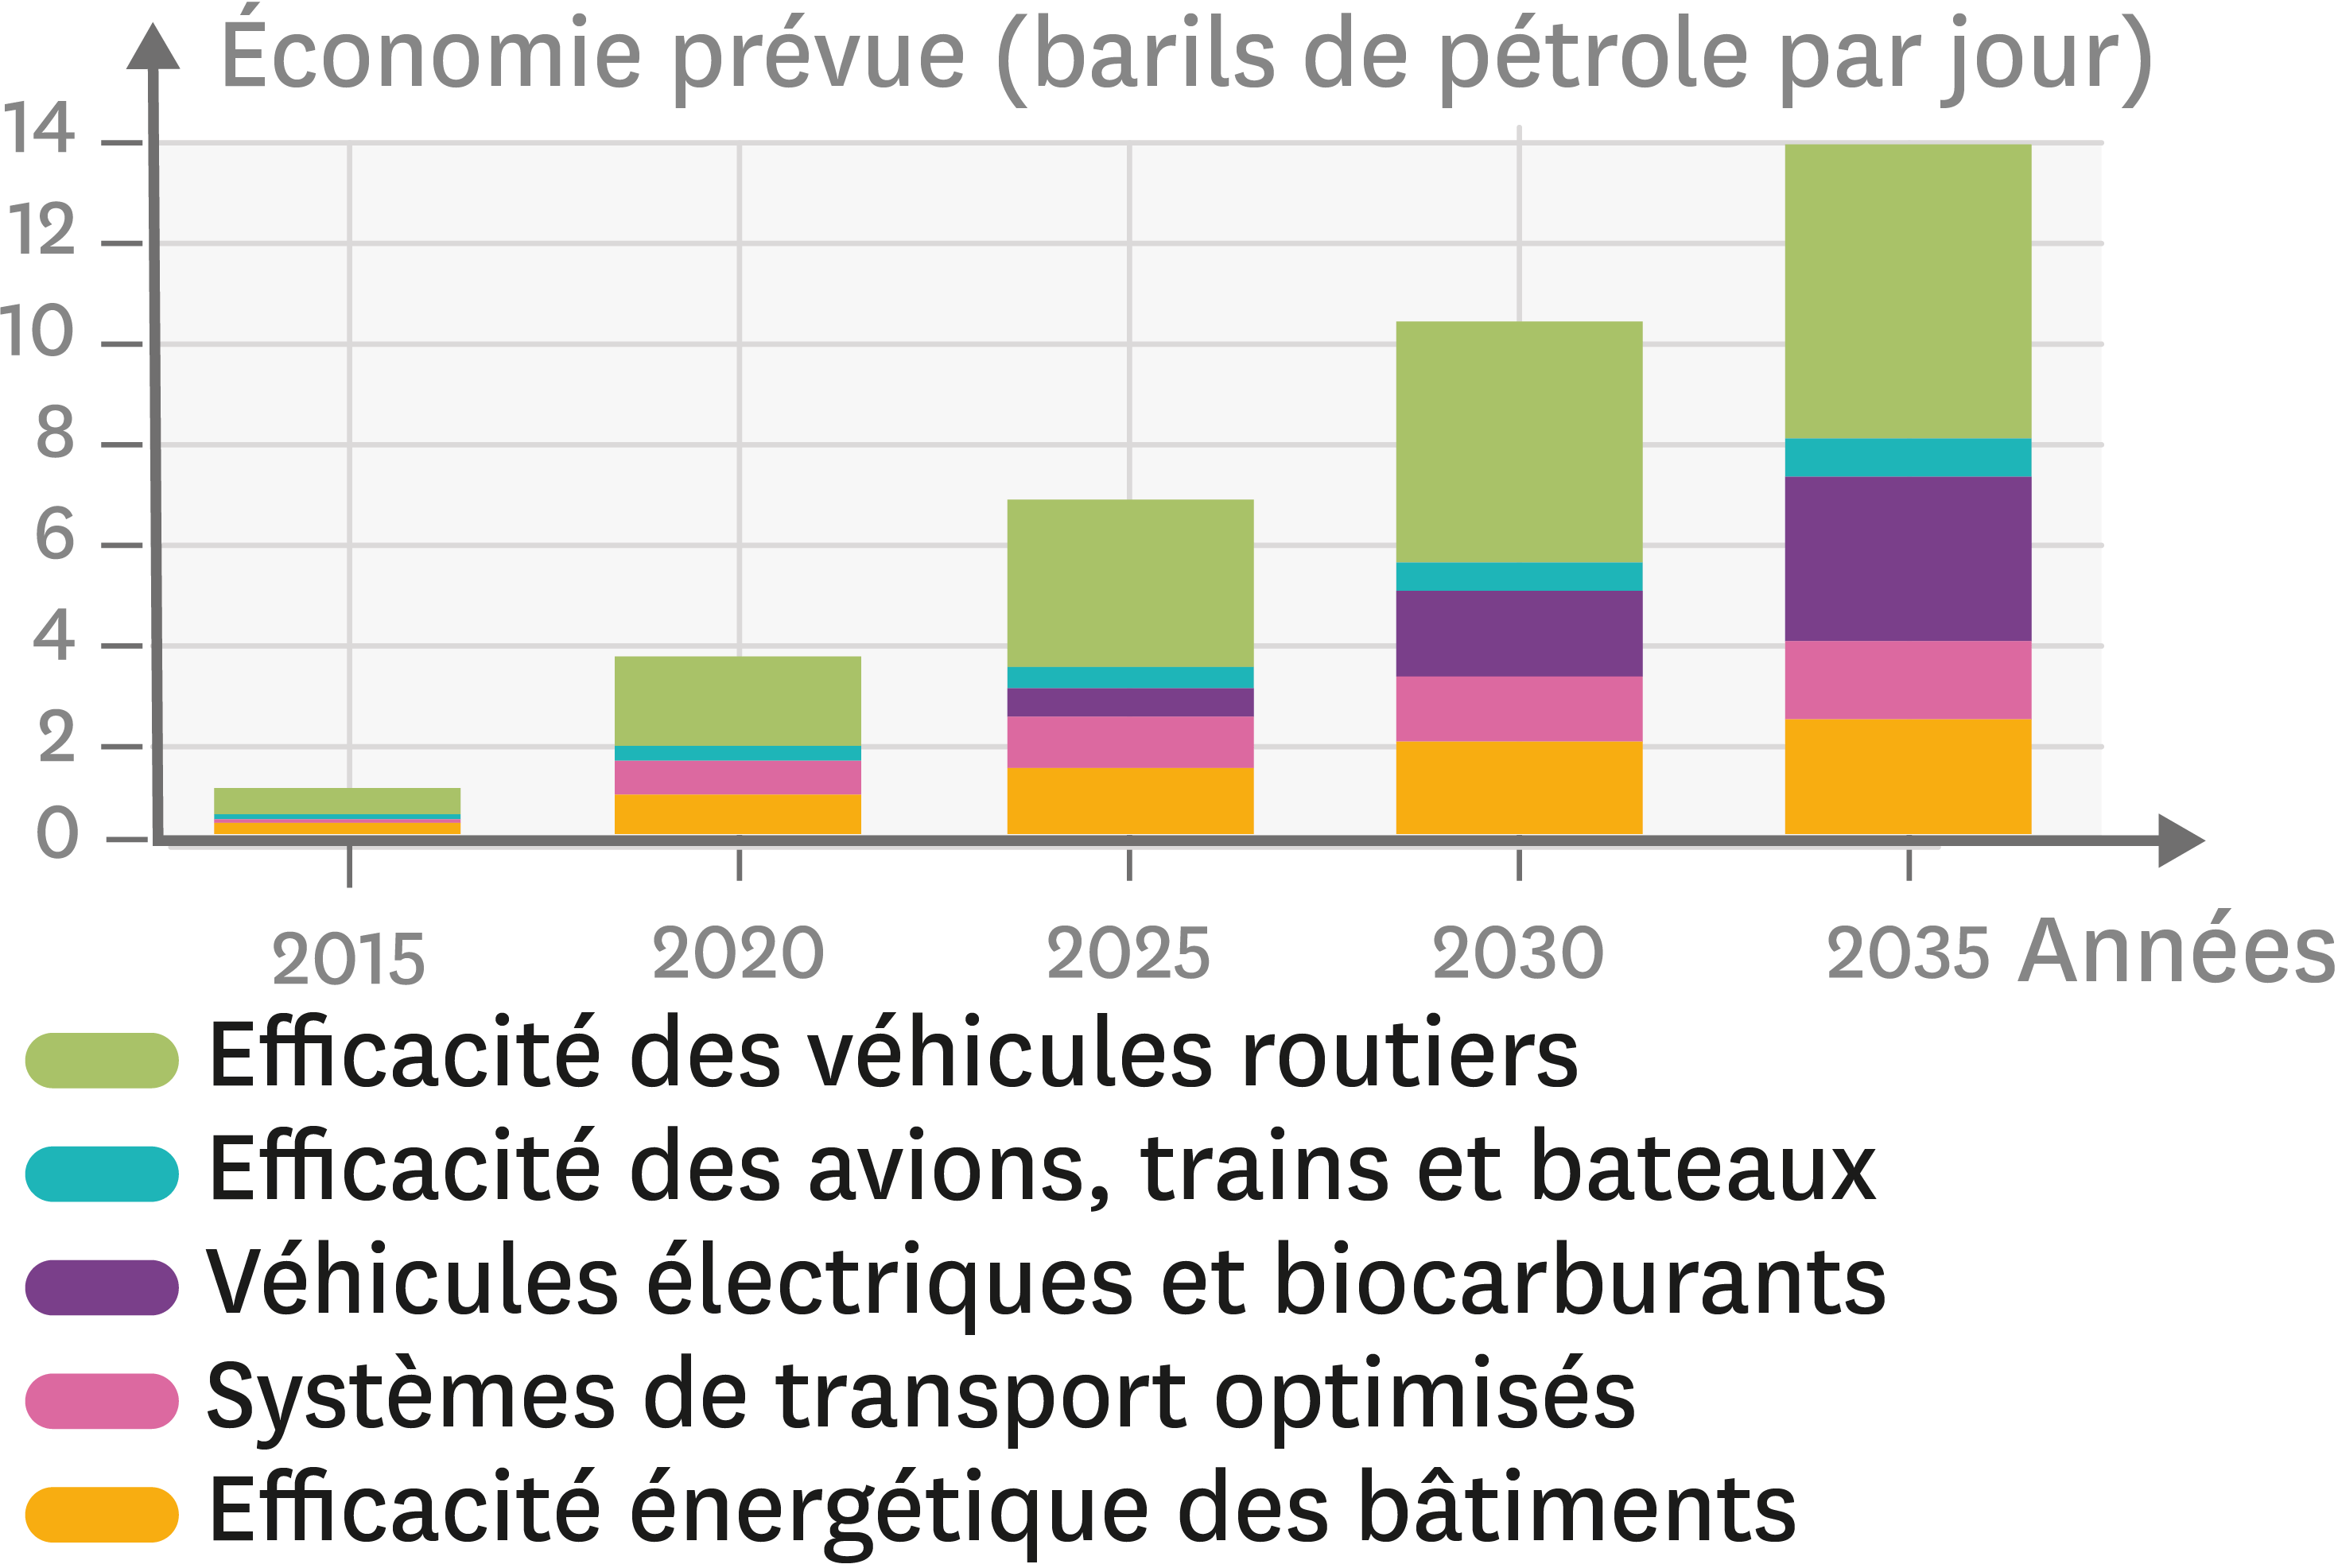 Des solutions envisagées pour réduire la consommation de pétrole aux États-Unis d'ici à 2035.